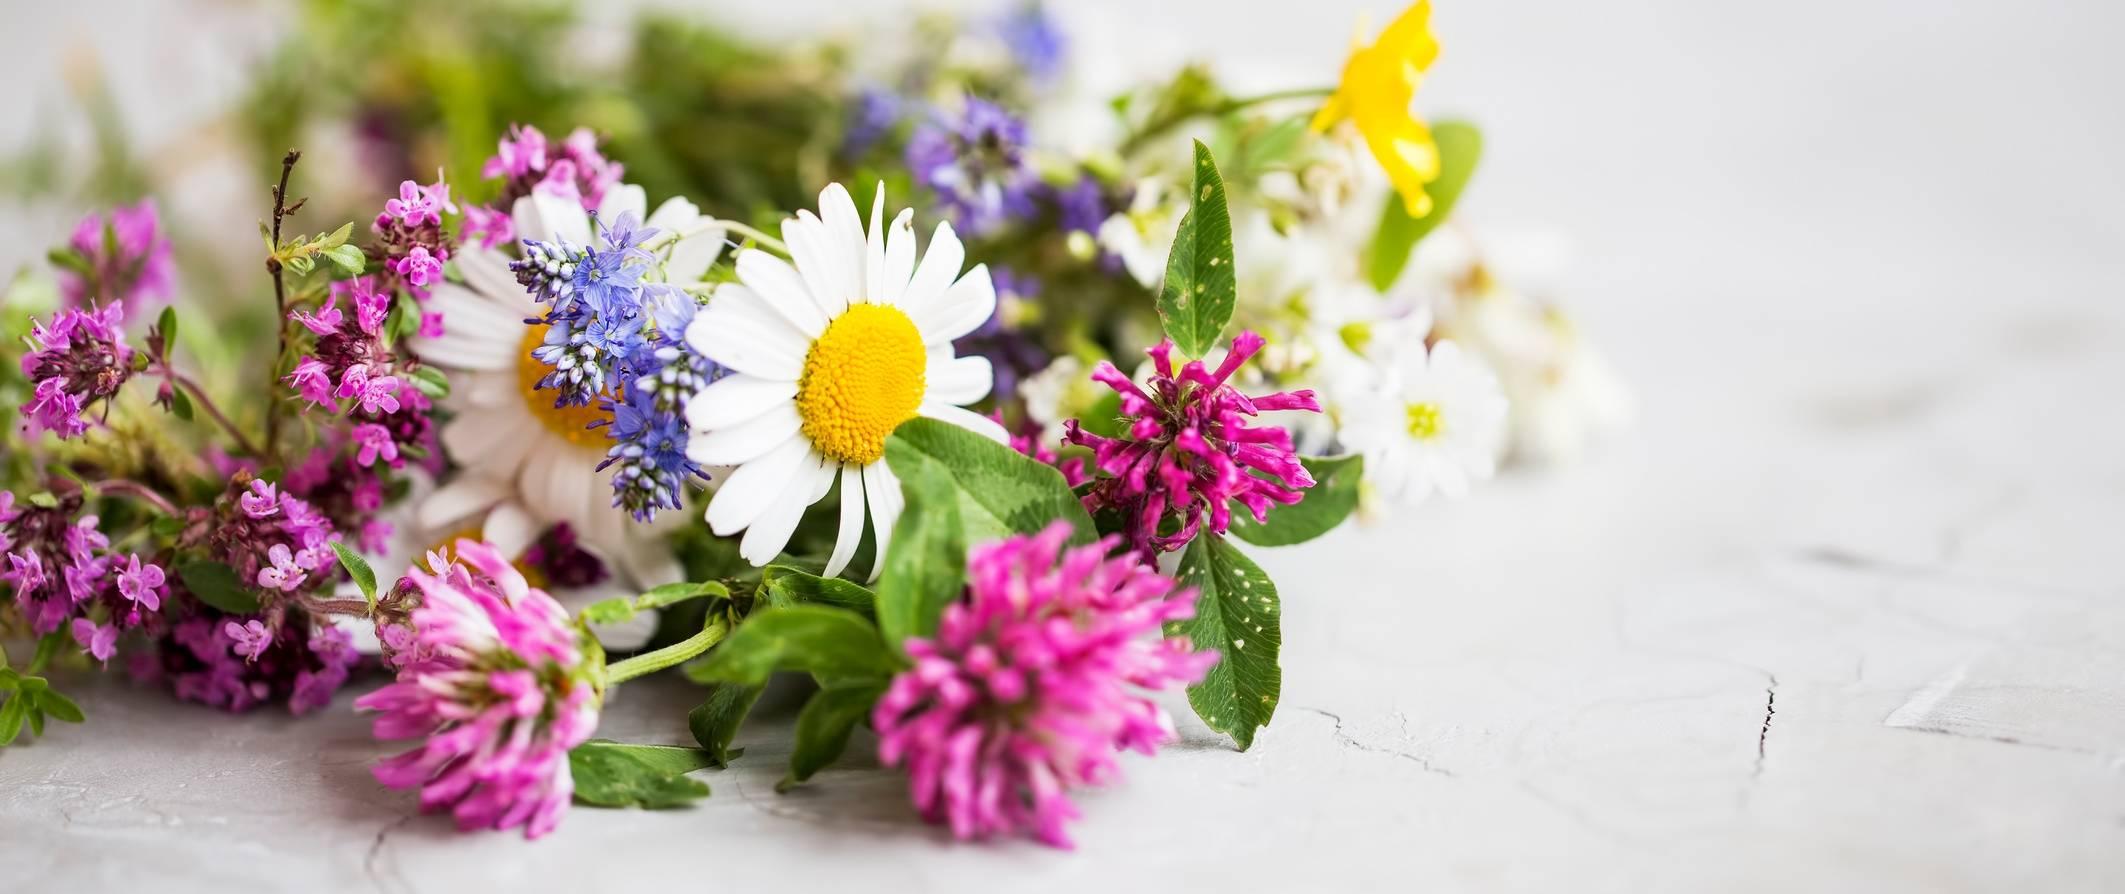 Leczenie siłami natury - leczenie ziołami i roślinami.